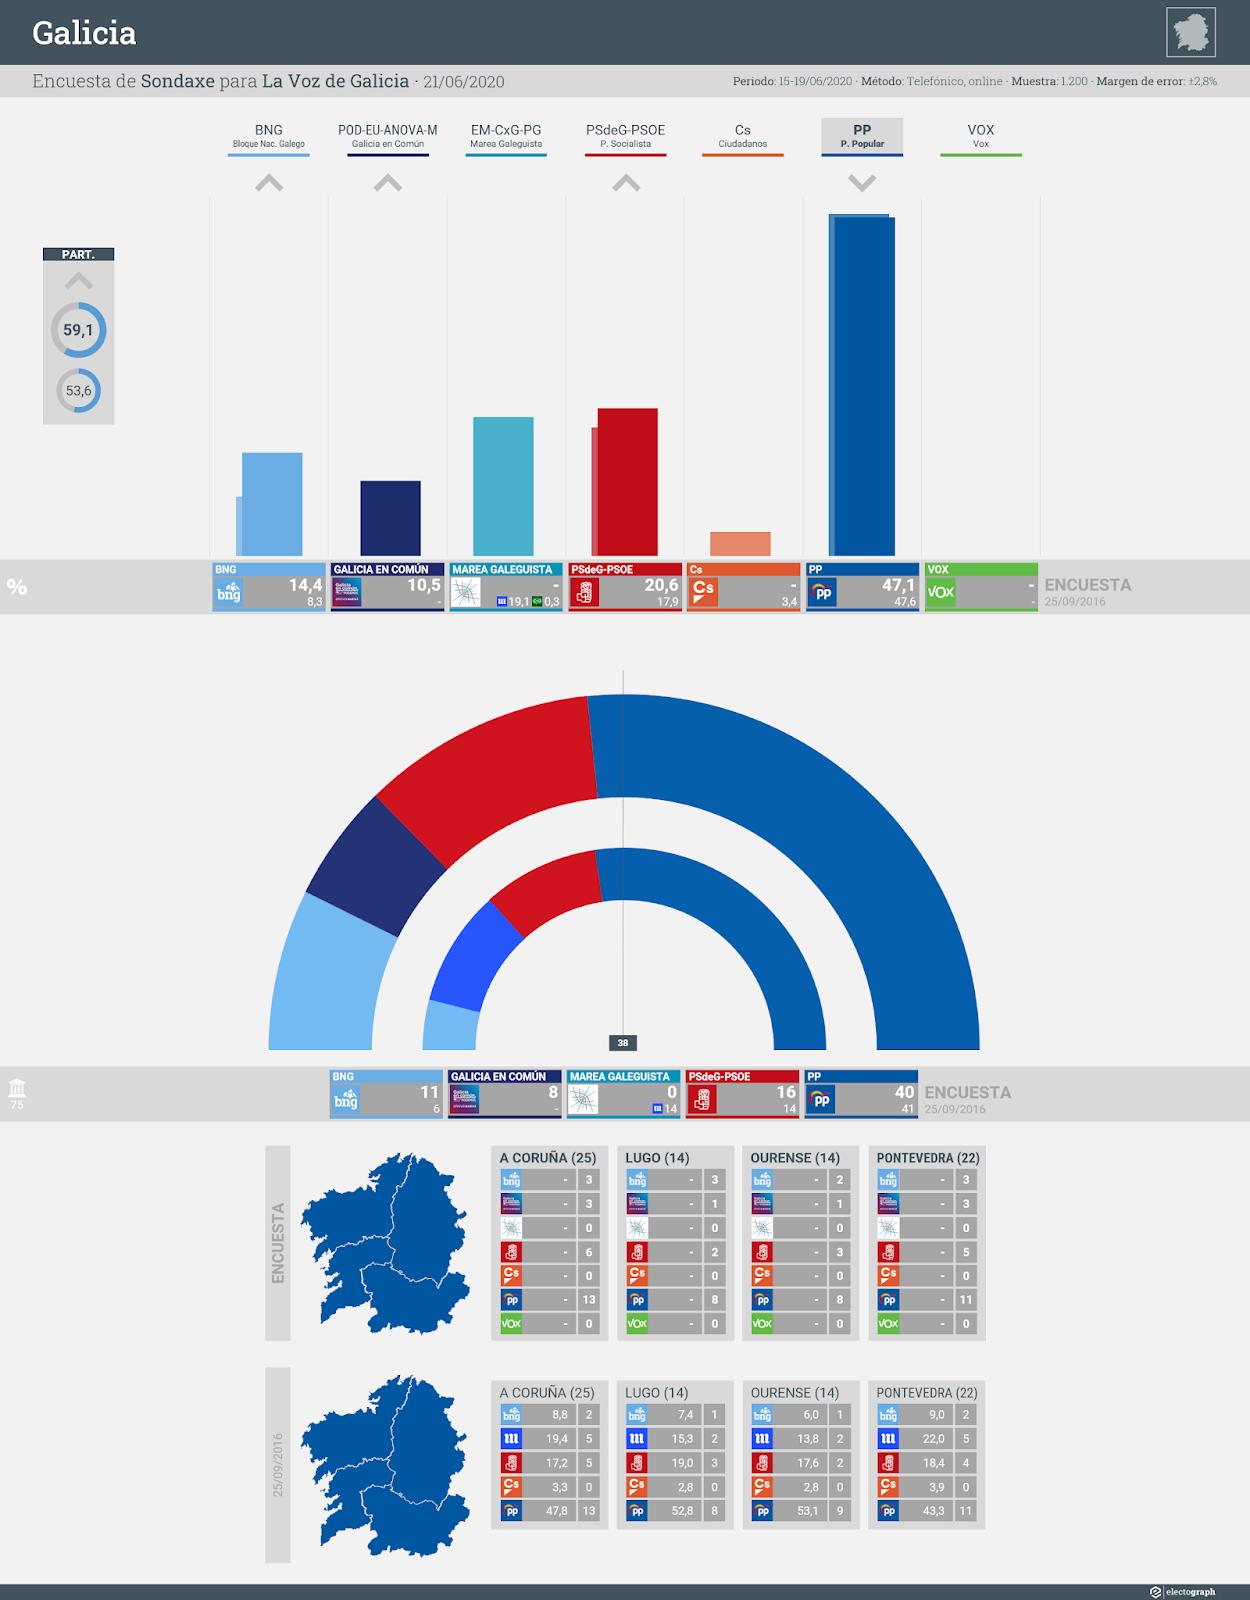 Gráfico de la encuesta para elecciones autonómicas en Galicia realizada por Sondaxe para La Voz de Galicia, 21 de junio de 2020